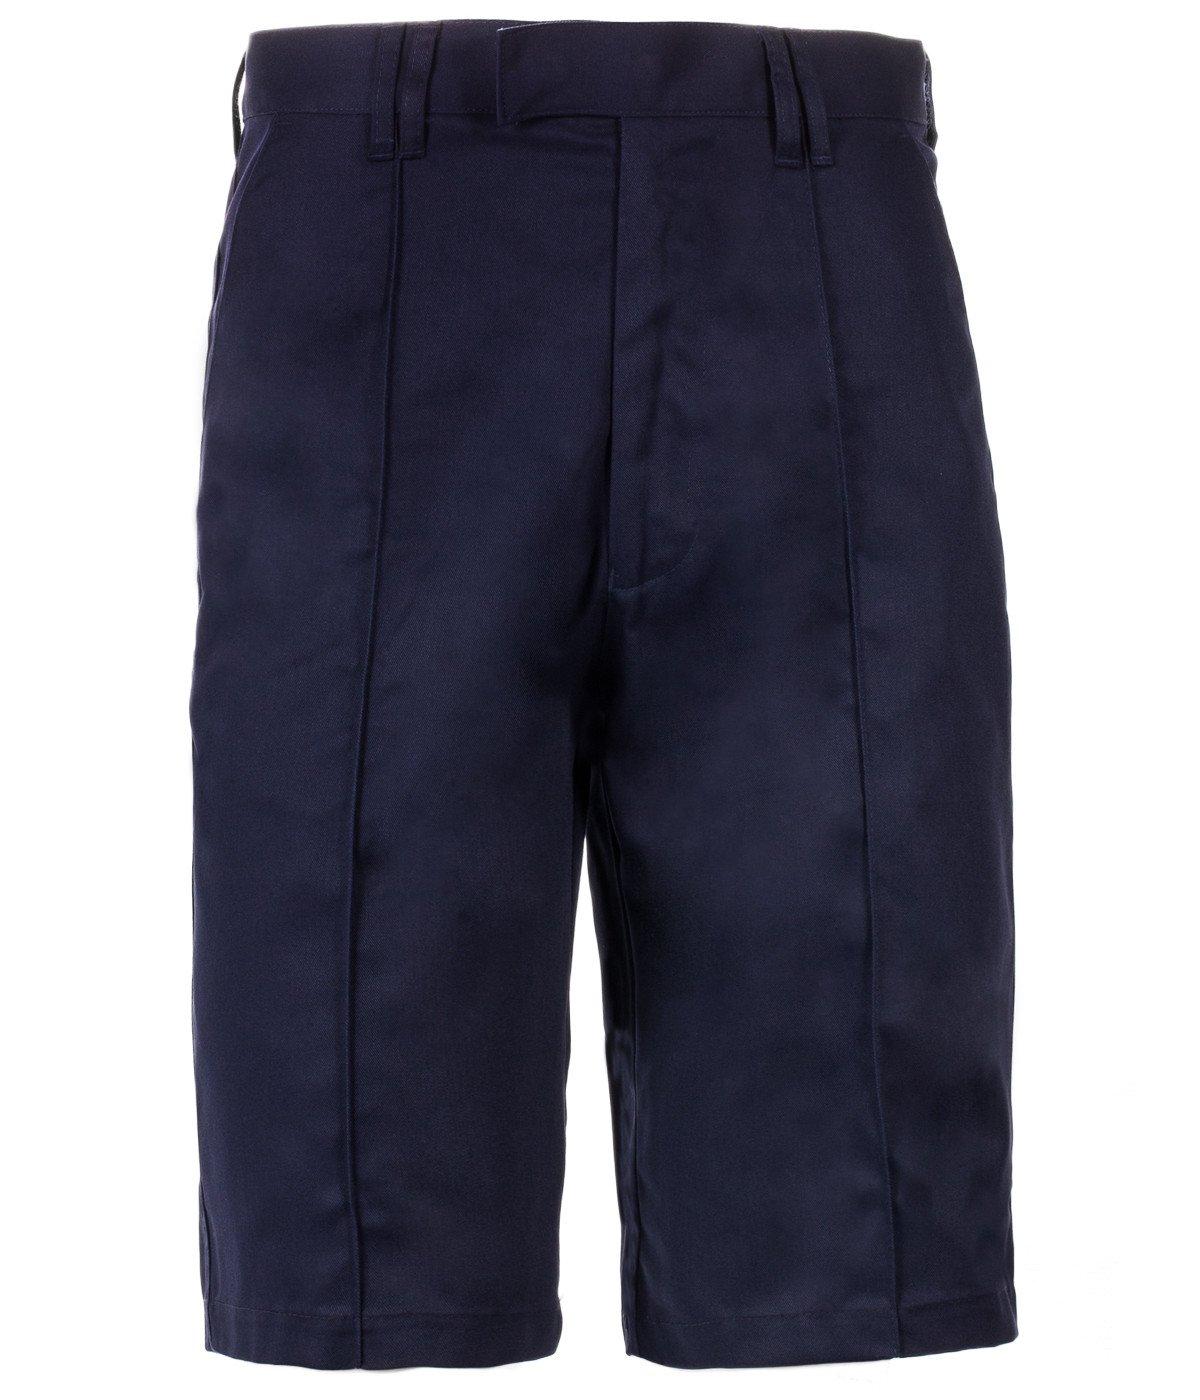 Benchmark Men's Classic Shorts Hi-Tex7 245gm T45